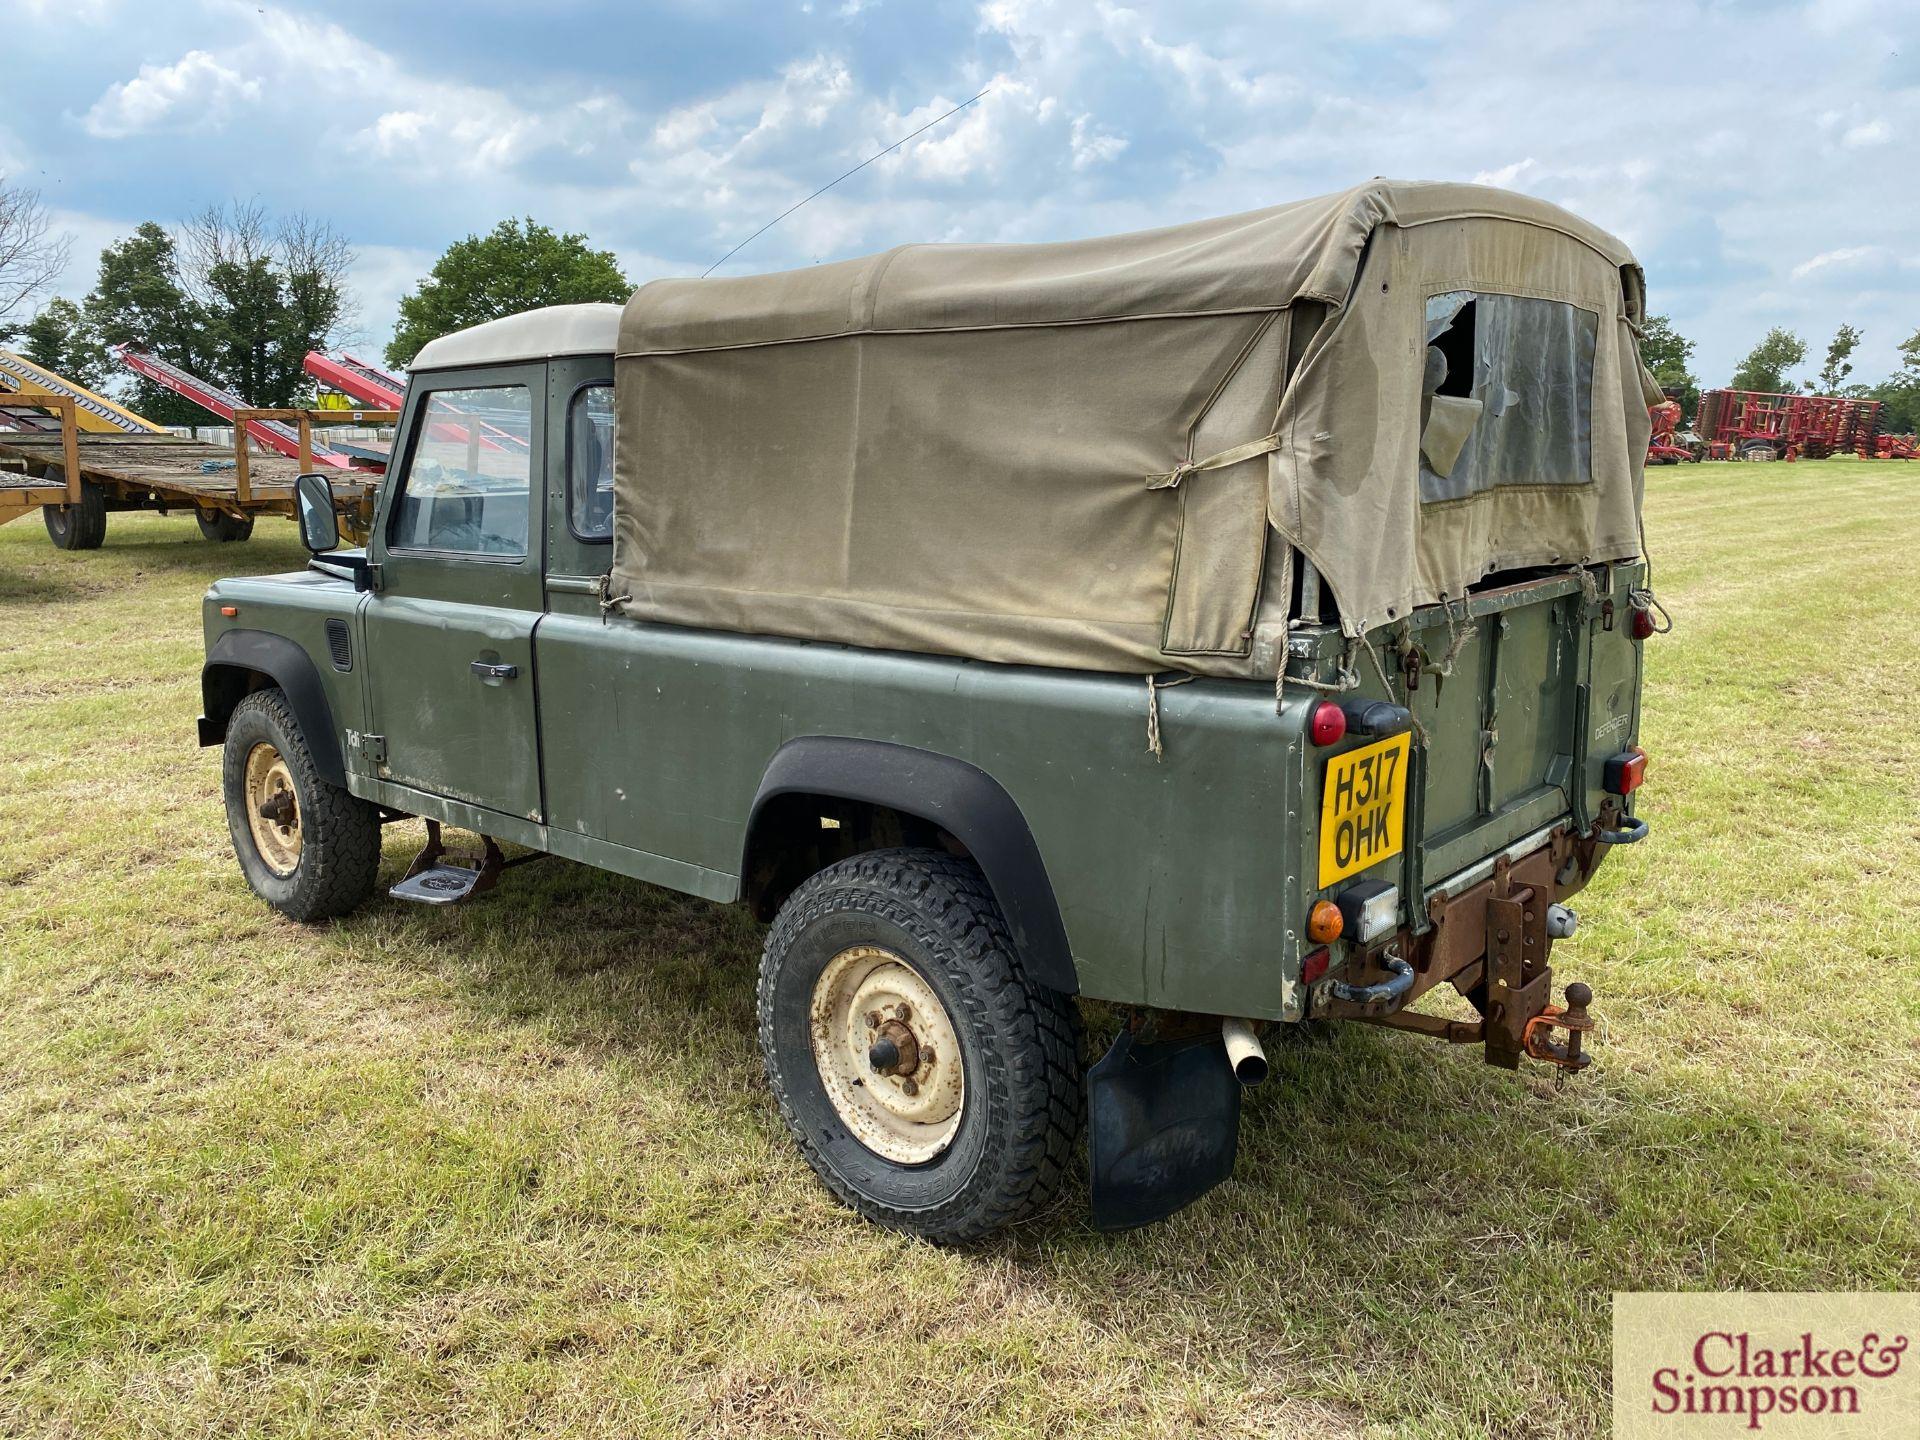 Land Rover Defender 110 single cab pick-up. Registration H317 OHK. Date of first registration 08/ - Image 7 of 56